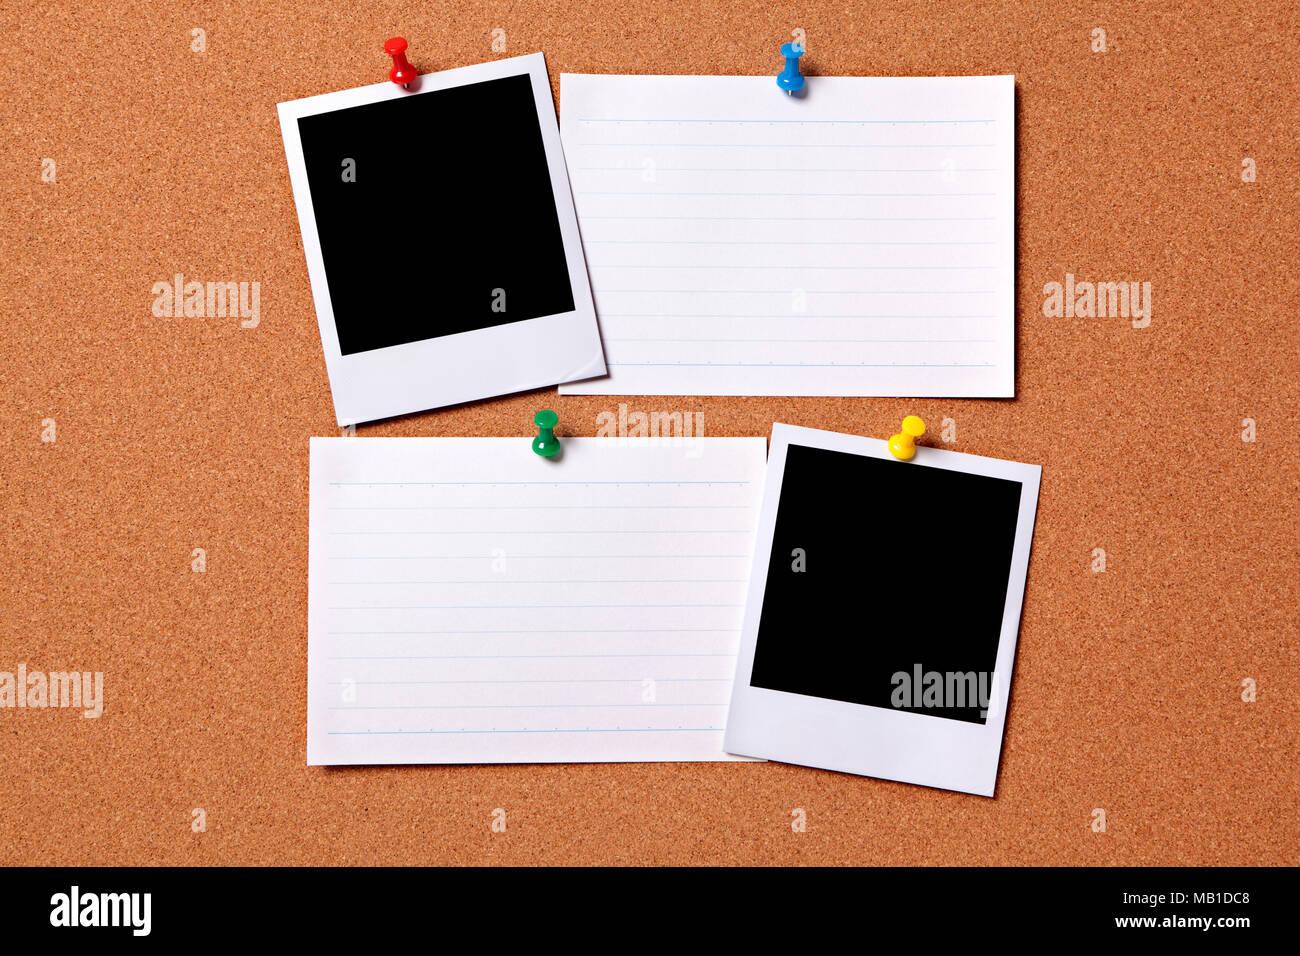 Bacheche Per Ufficio : Blank foto stampe e ufficio schede indice imperniato ad un tappo di